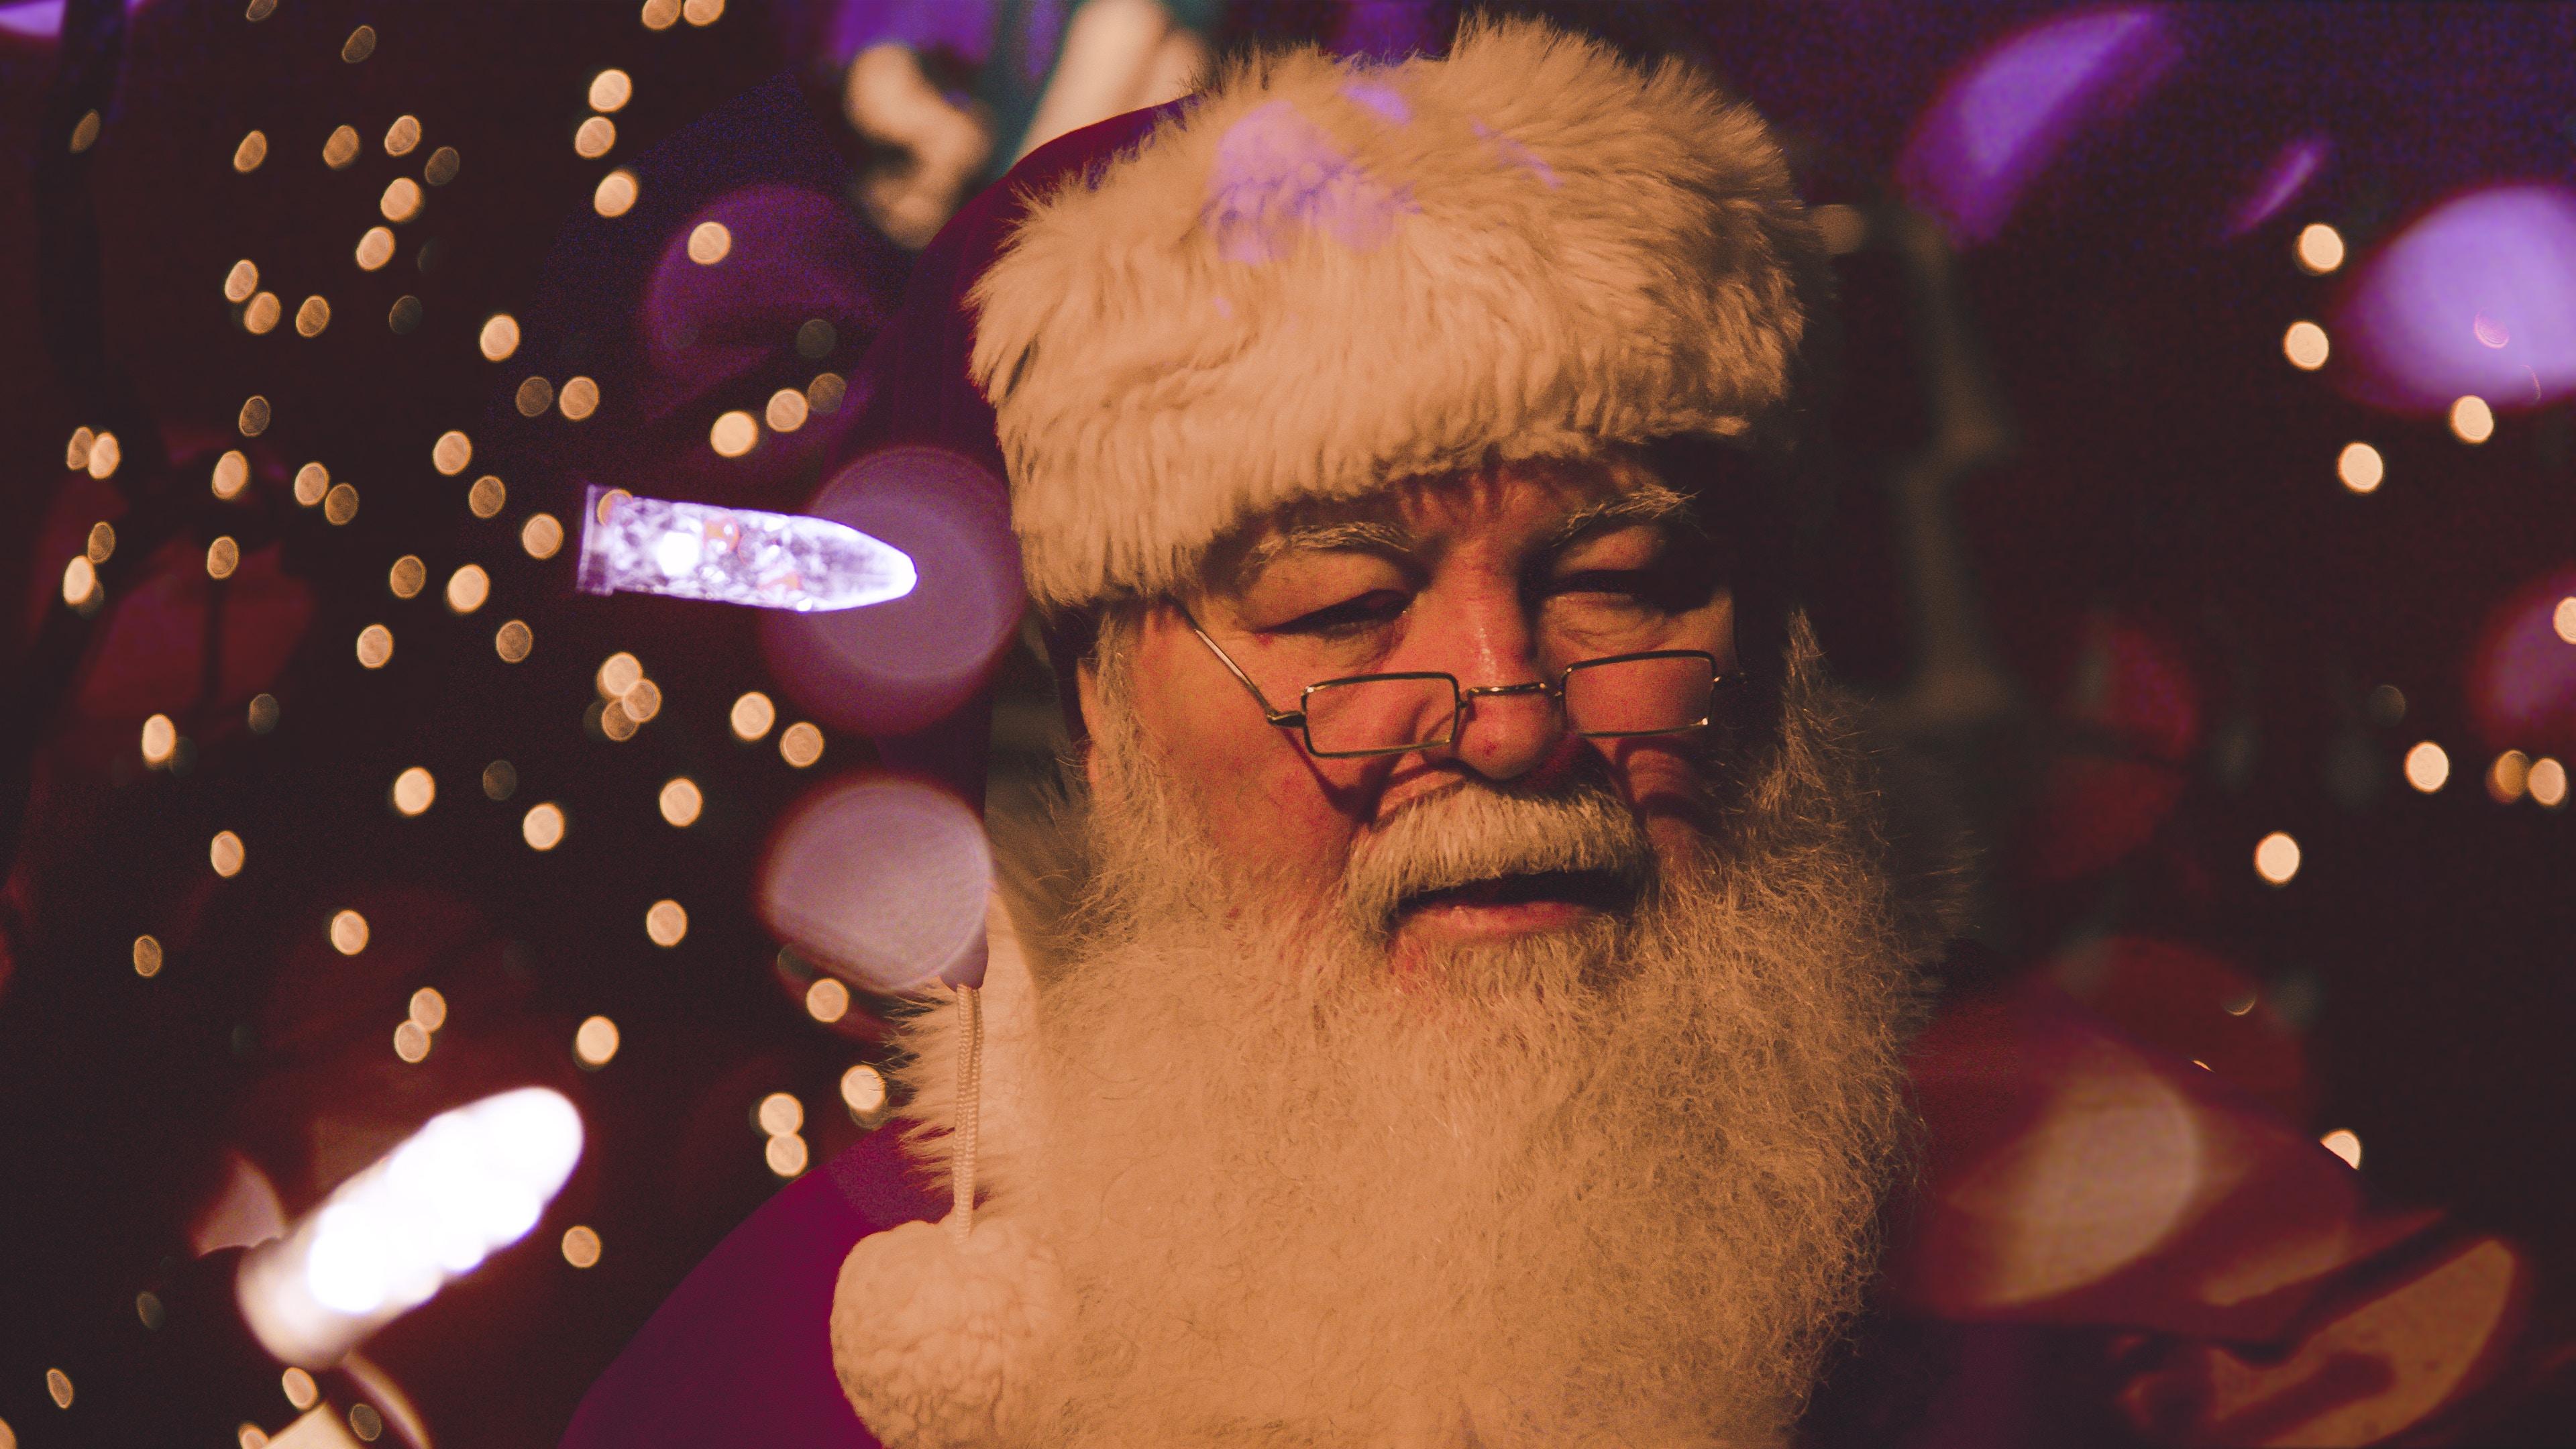 Lang leve dat Kerstdiner... En die 1ste ontmoeting met je schoonfamilie!